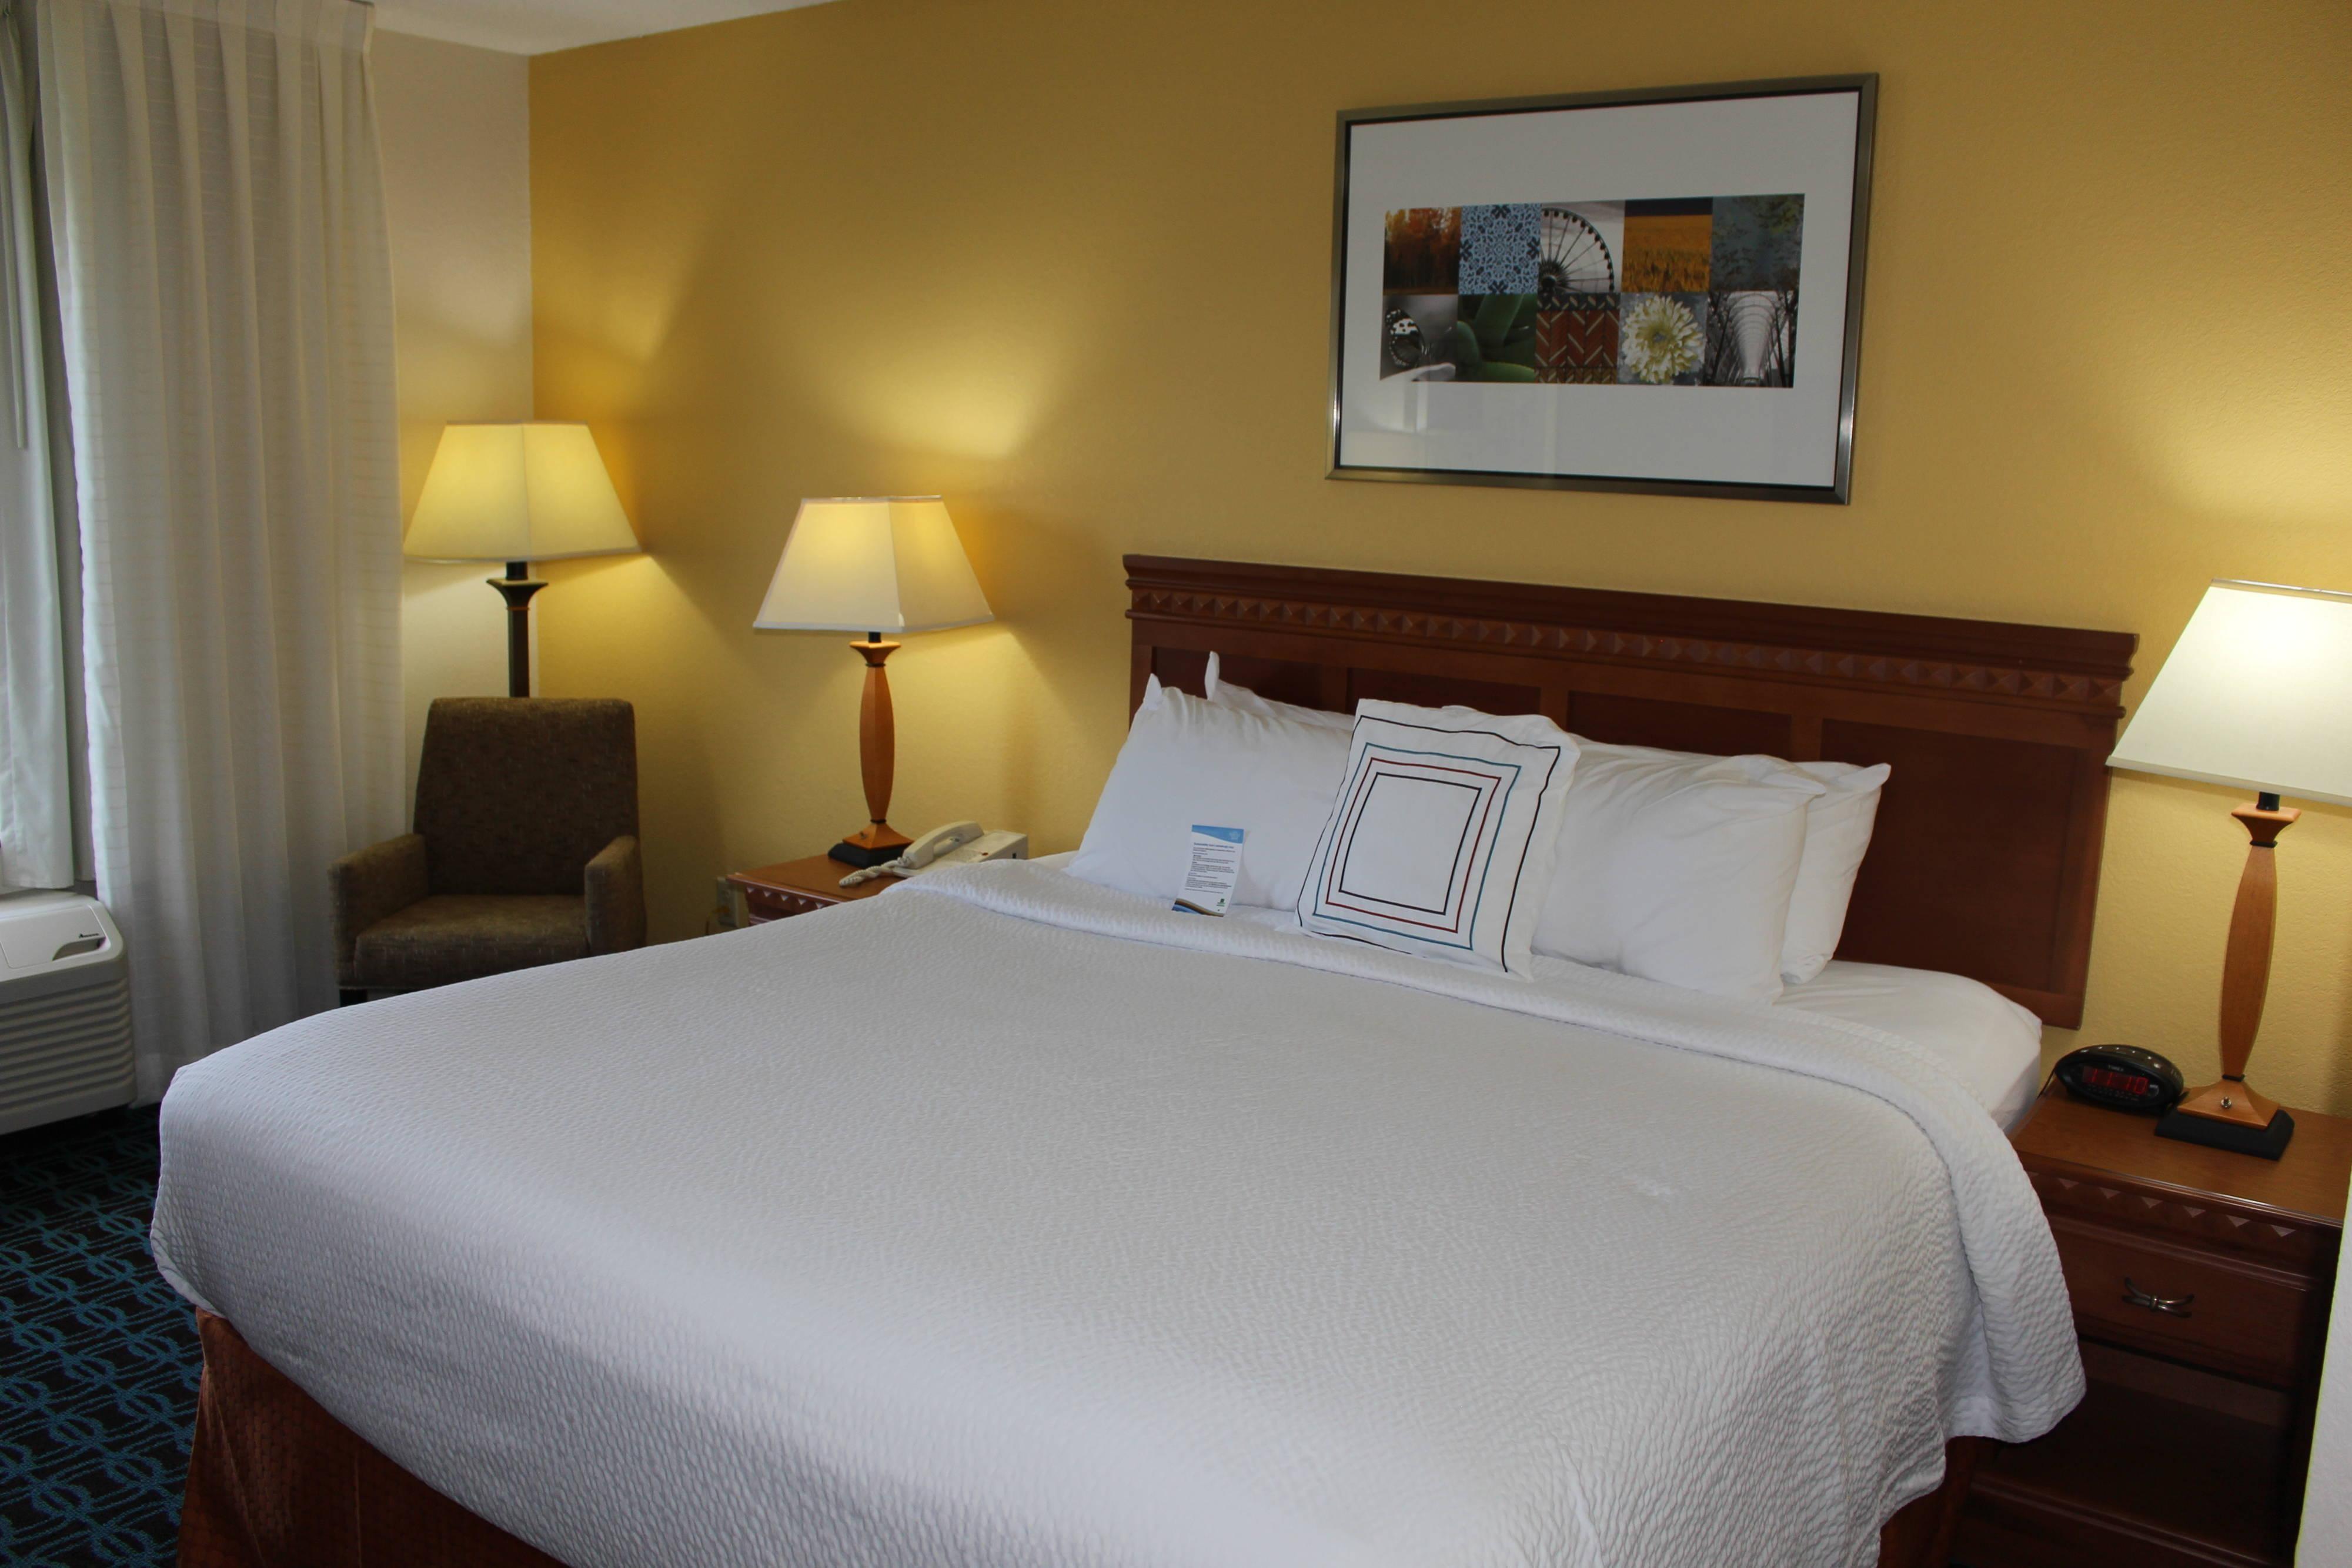 King Guest Room - Bedroom